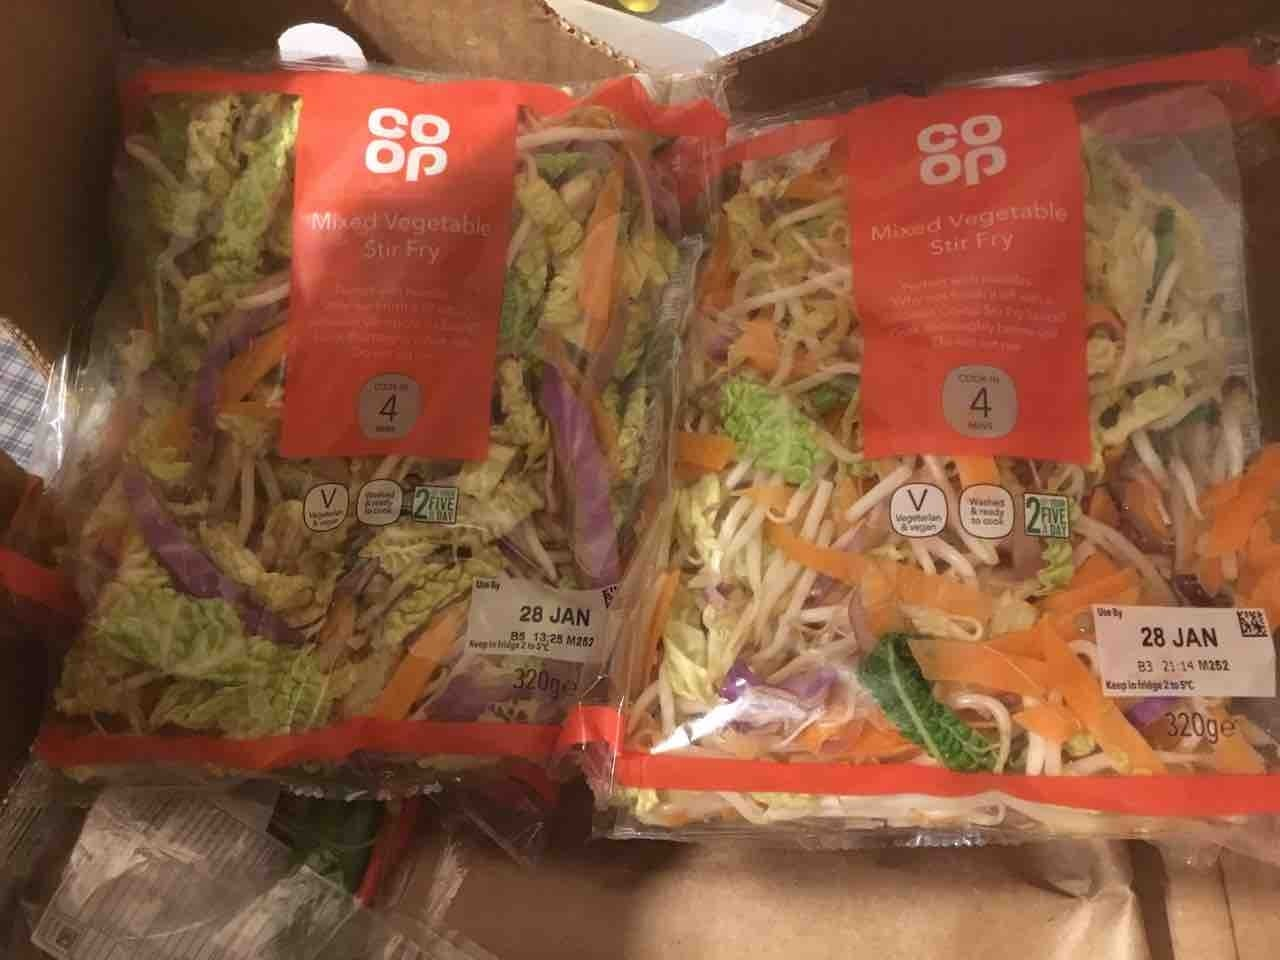 Mixed veg stir fry x2